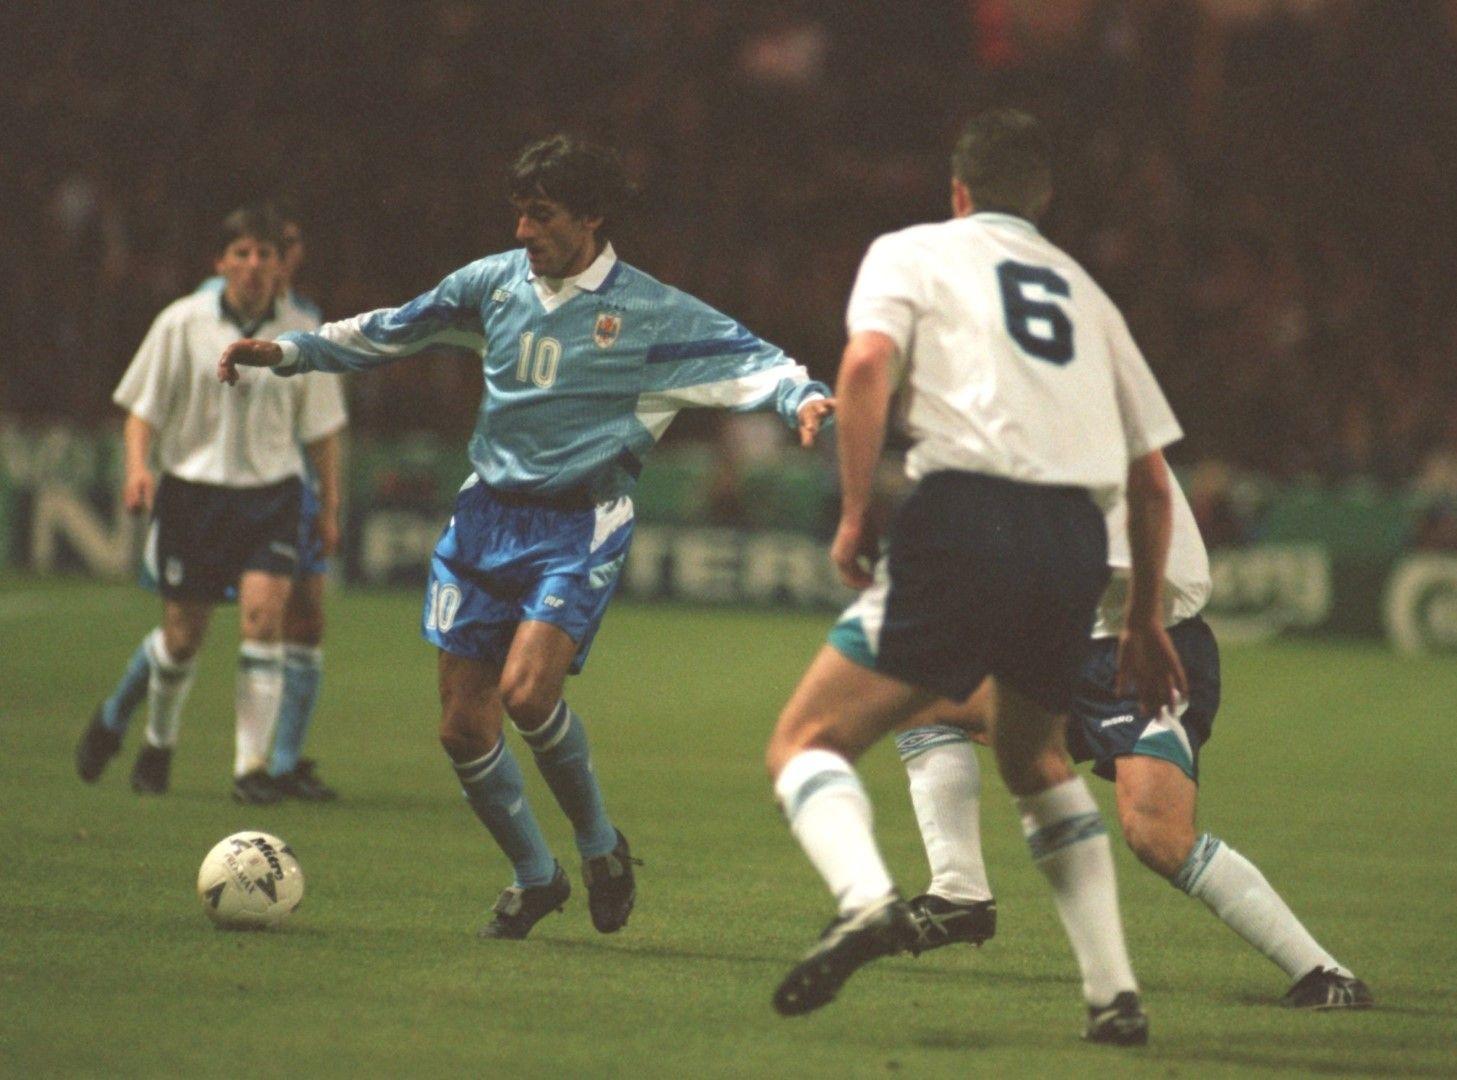 Енцо Франческоли е идол на феновете от няколко поколения. Зинедин Зидан е израснал, обожавайки плеймейкъра на Уругвай, като френската легенда кръсти първото си дете на него. Снимка: Getty Images